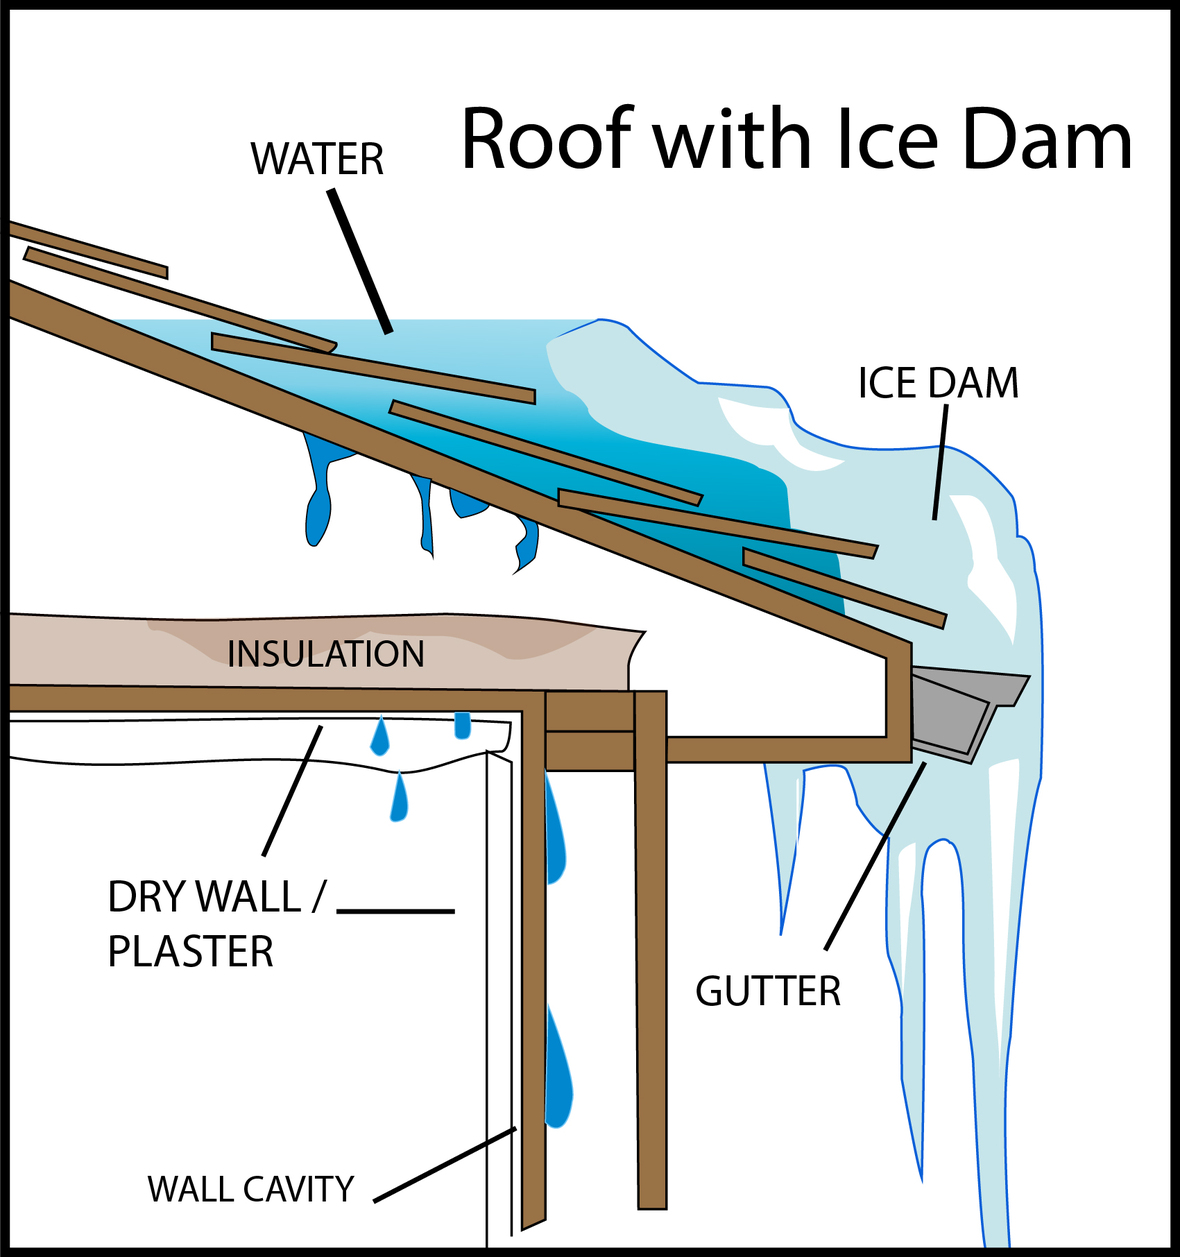 IceDam